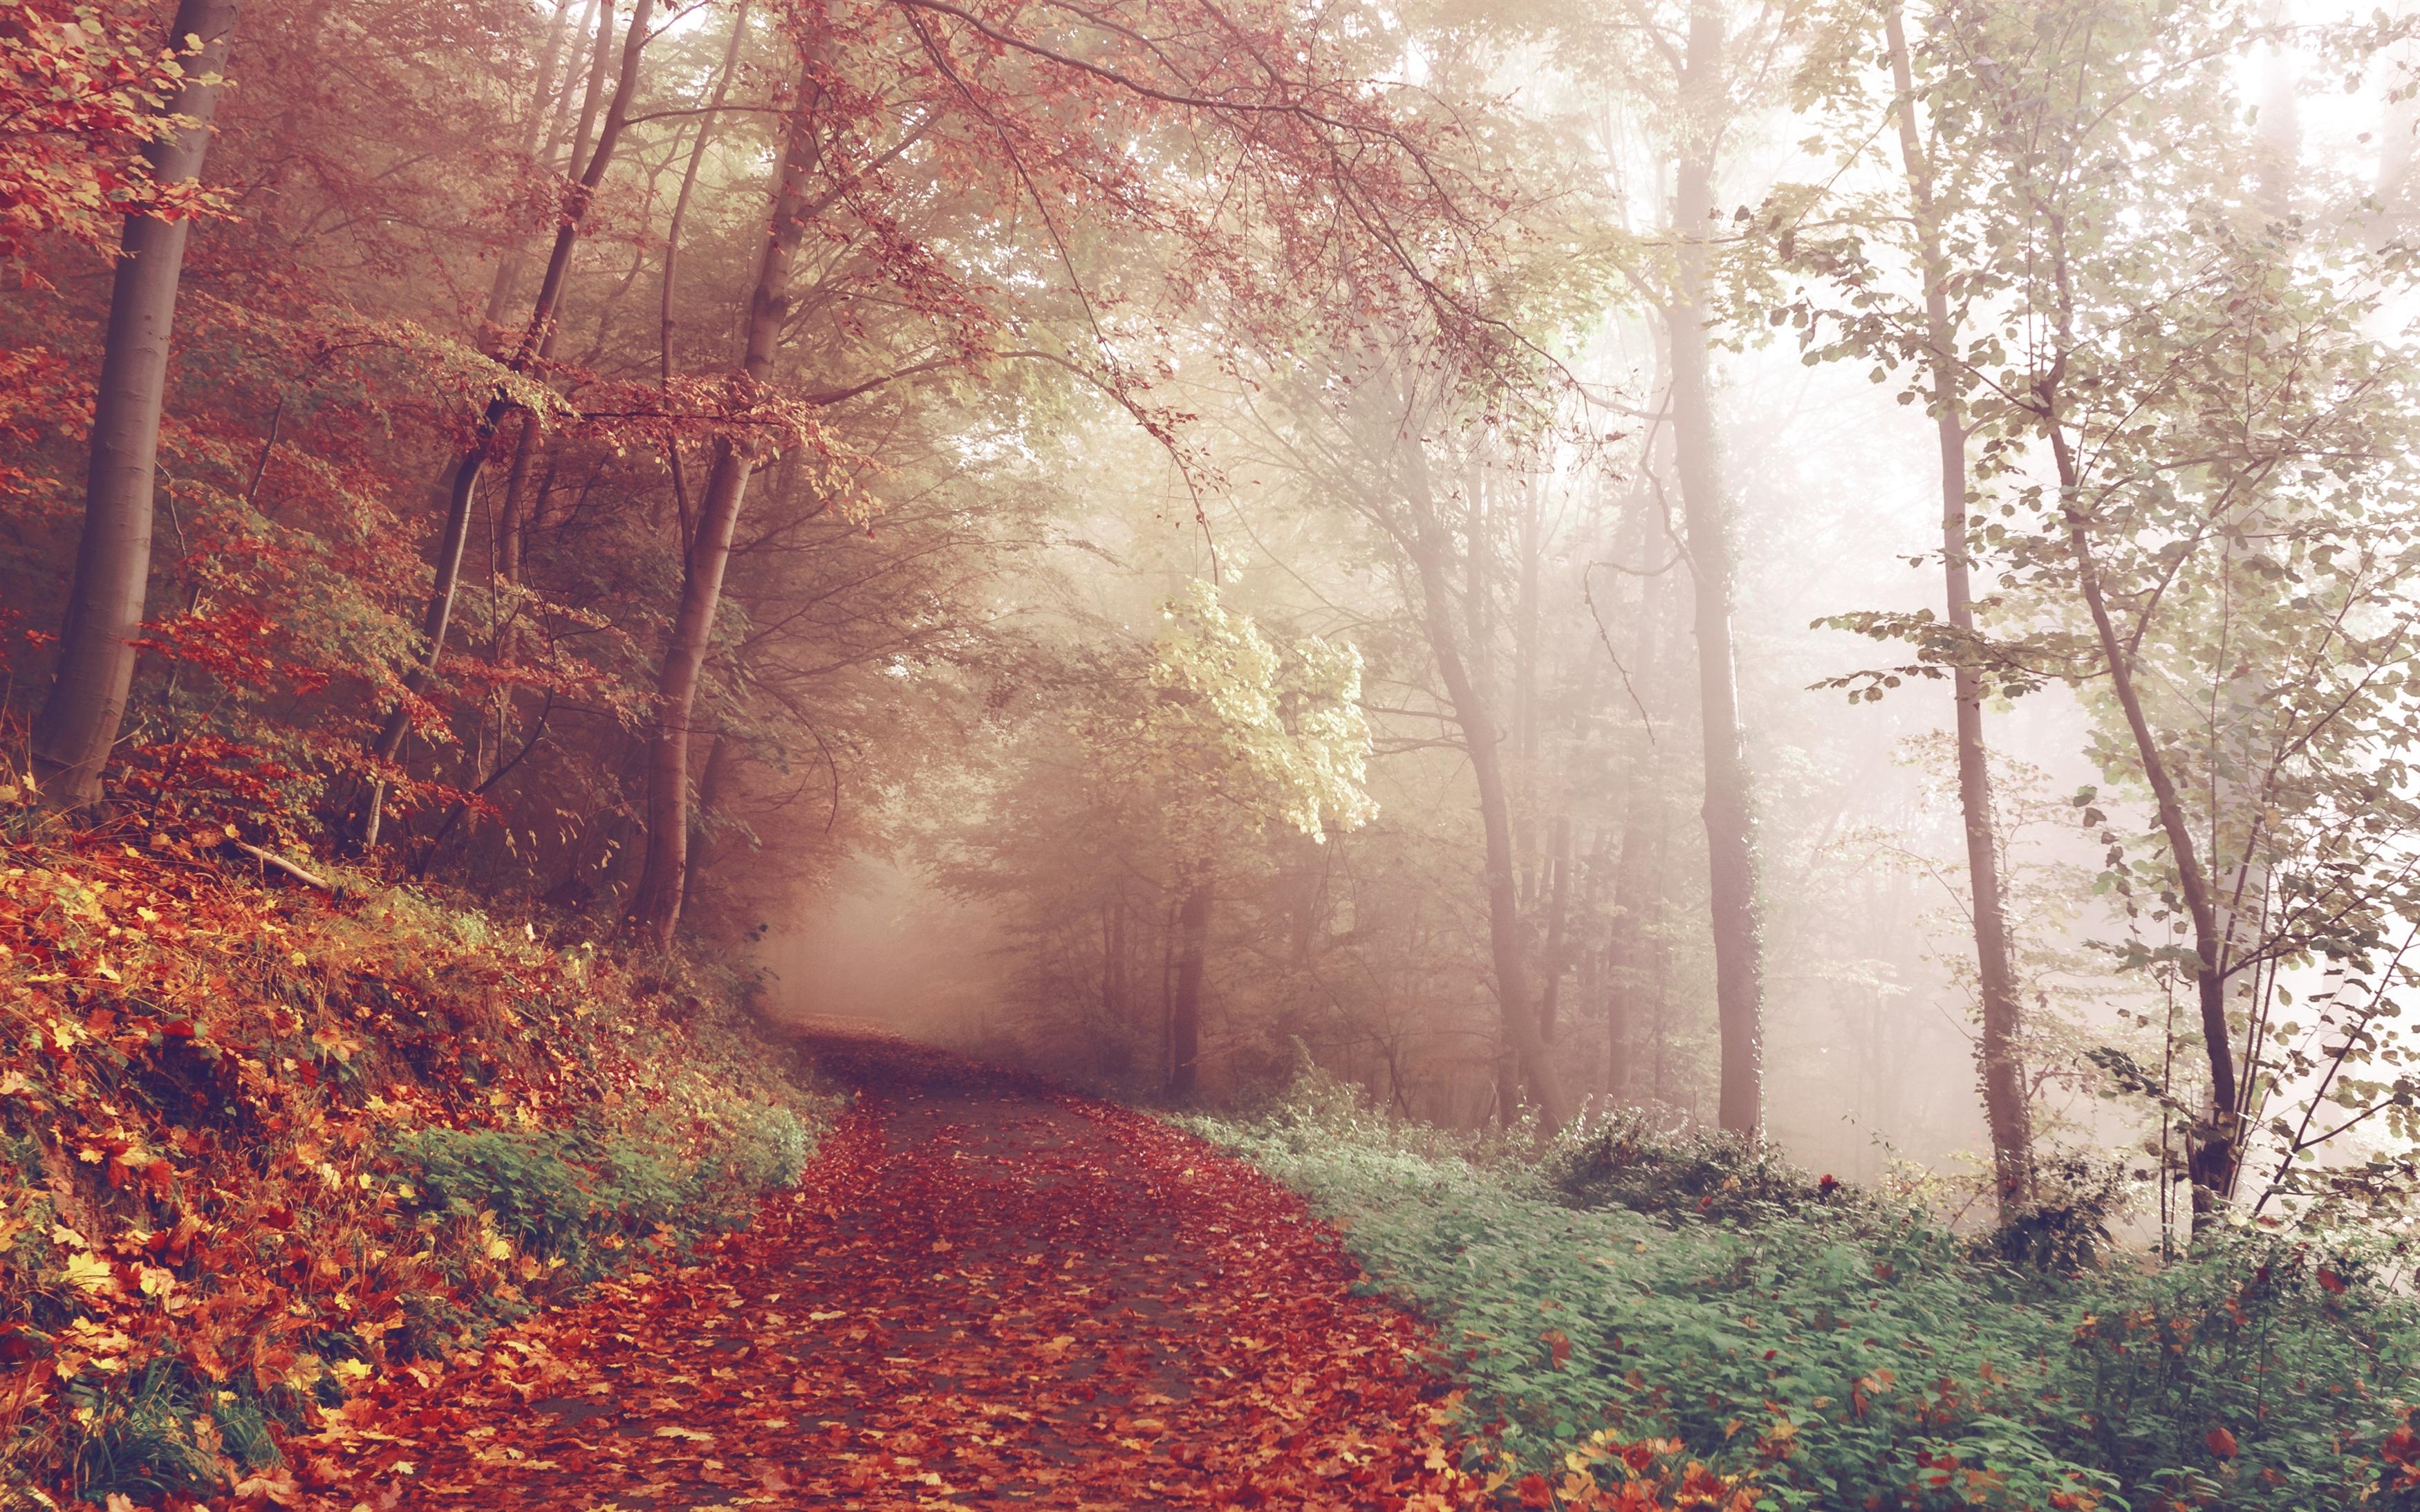 Осенний путь обои скачать